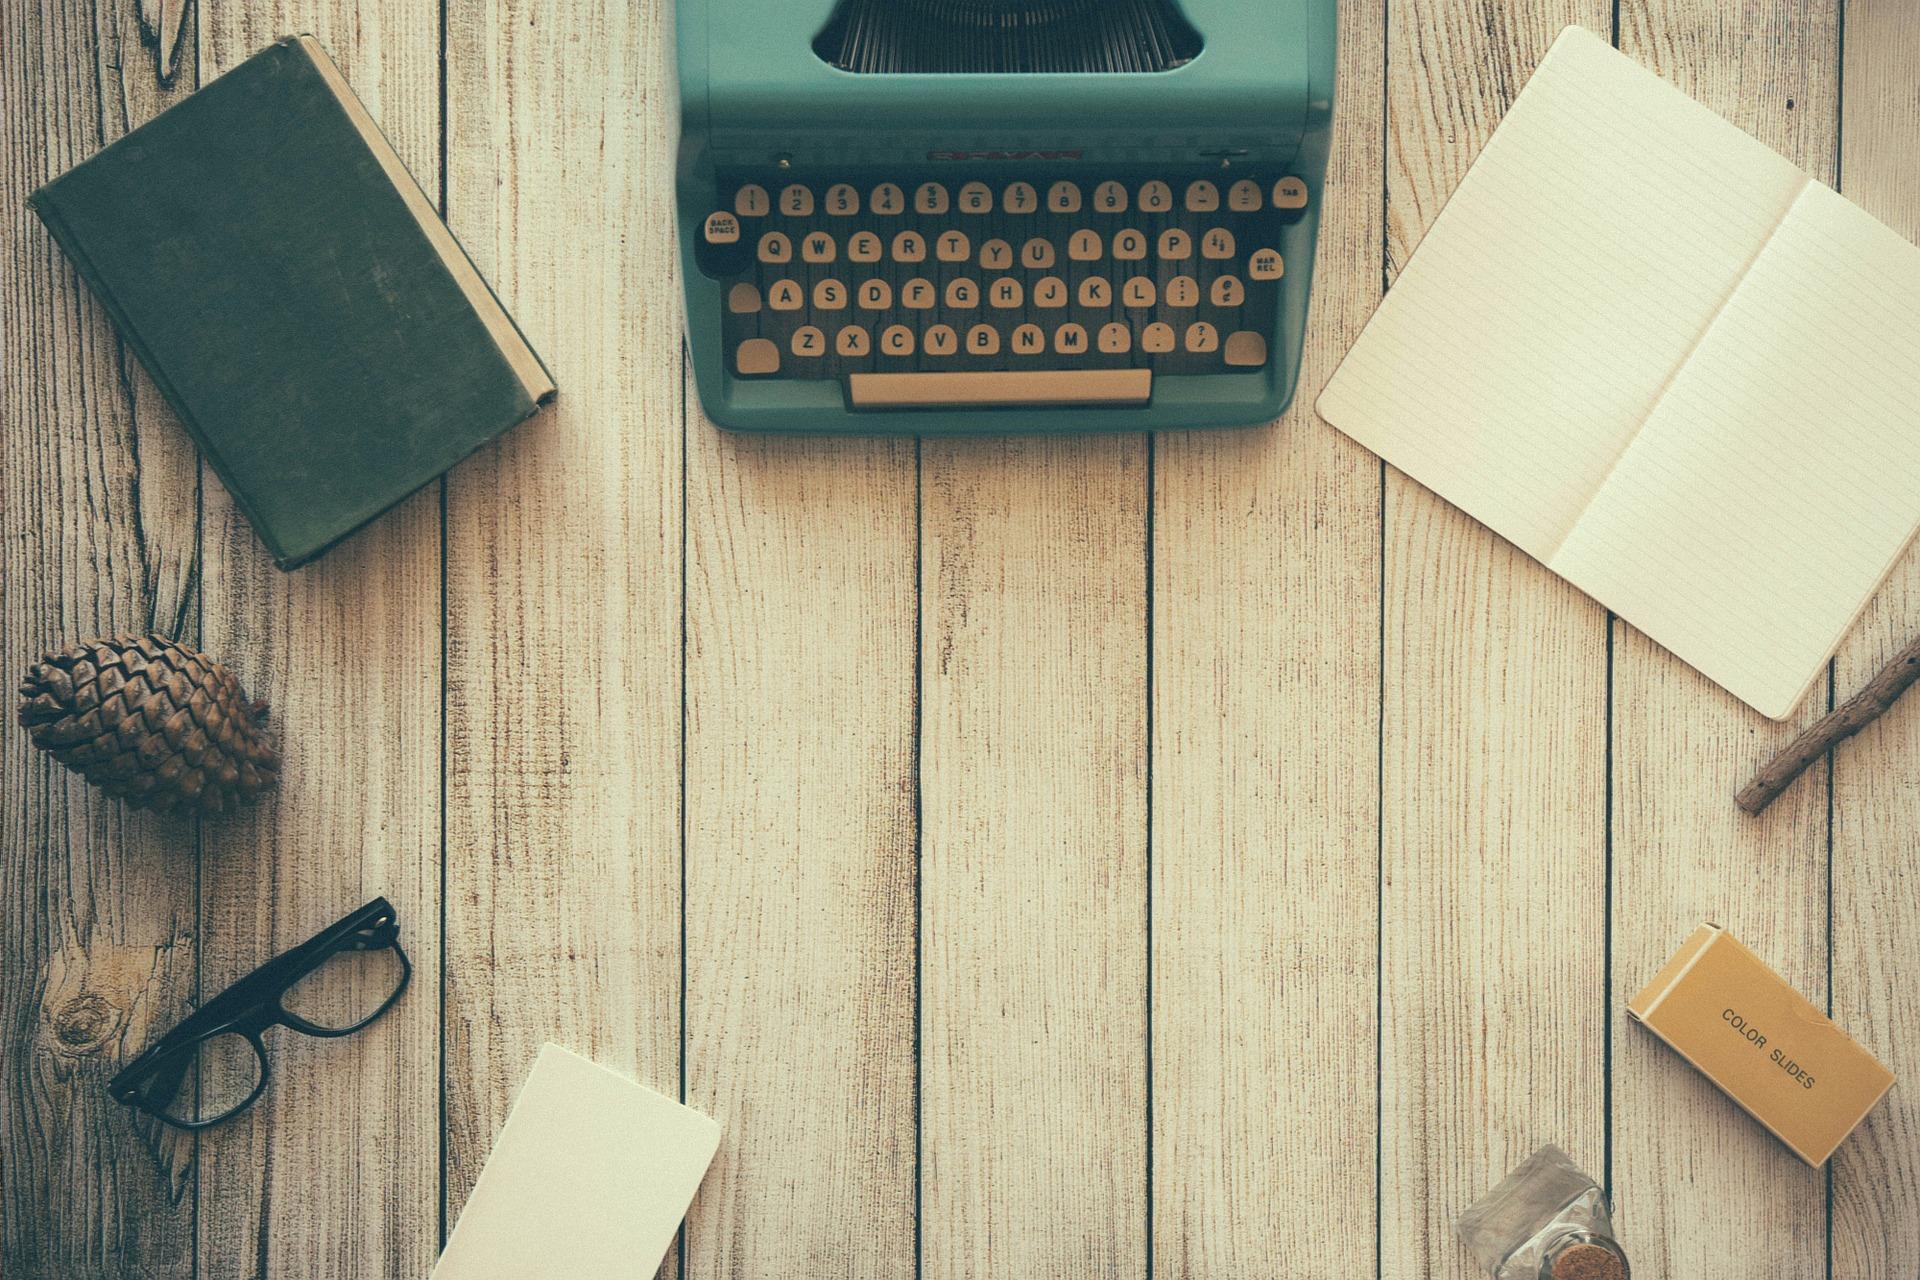 Get Organized-Image courtesy of Pixabay